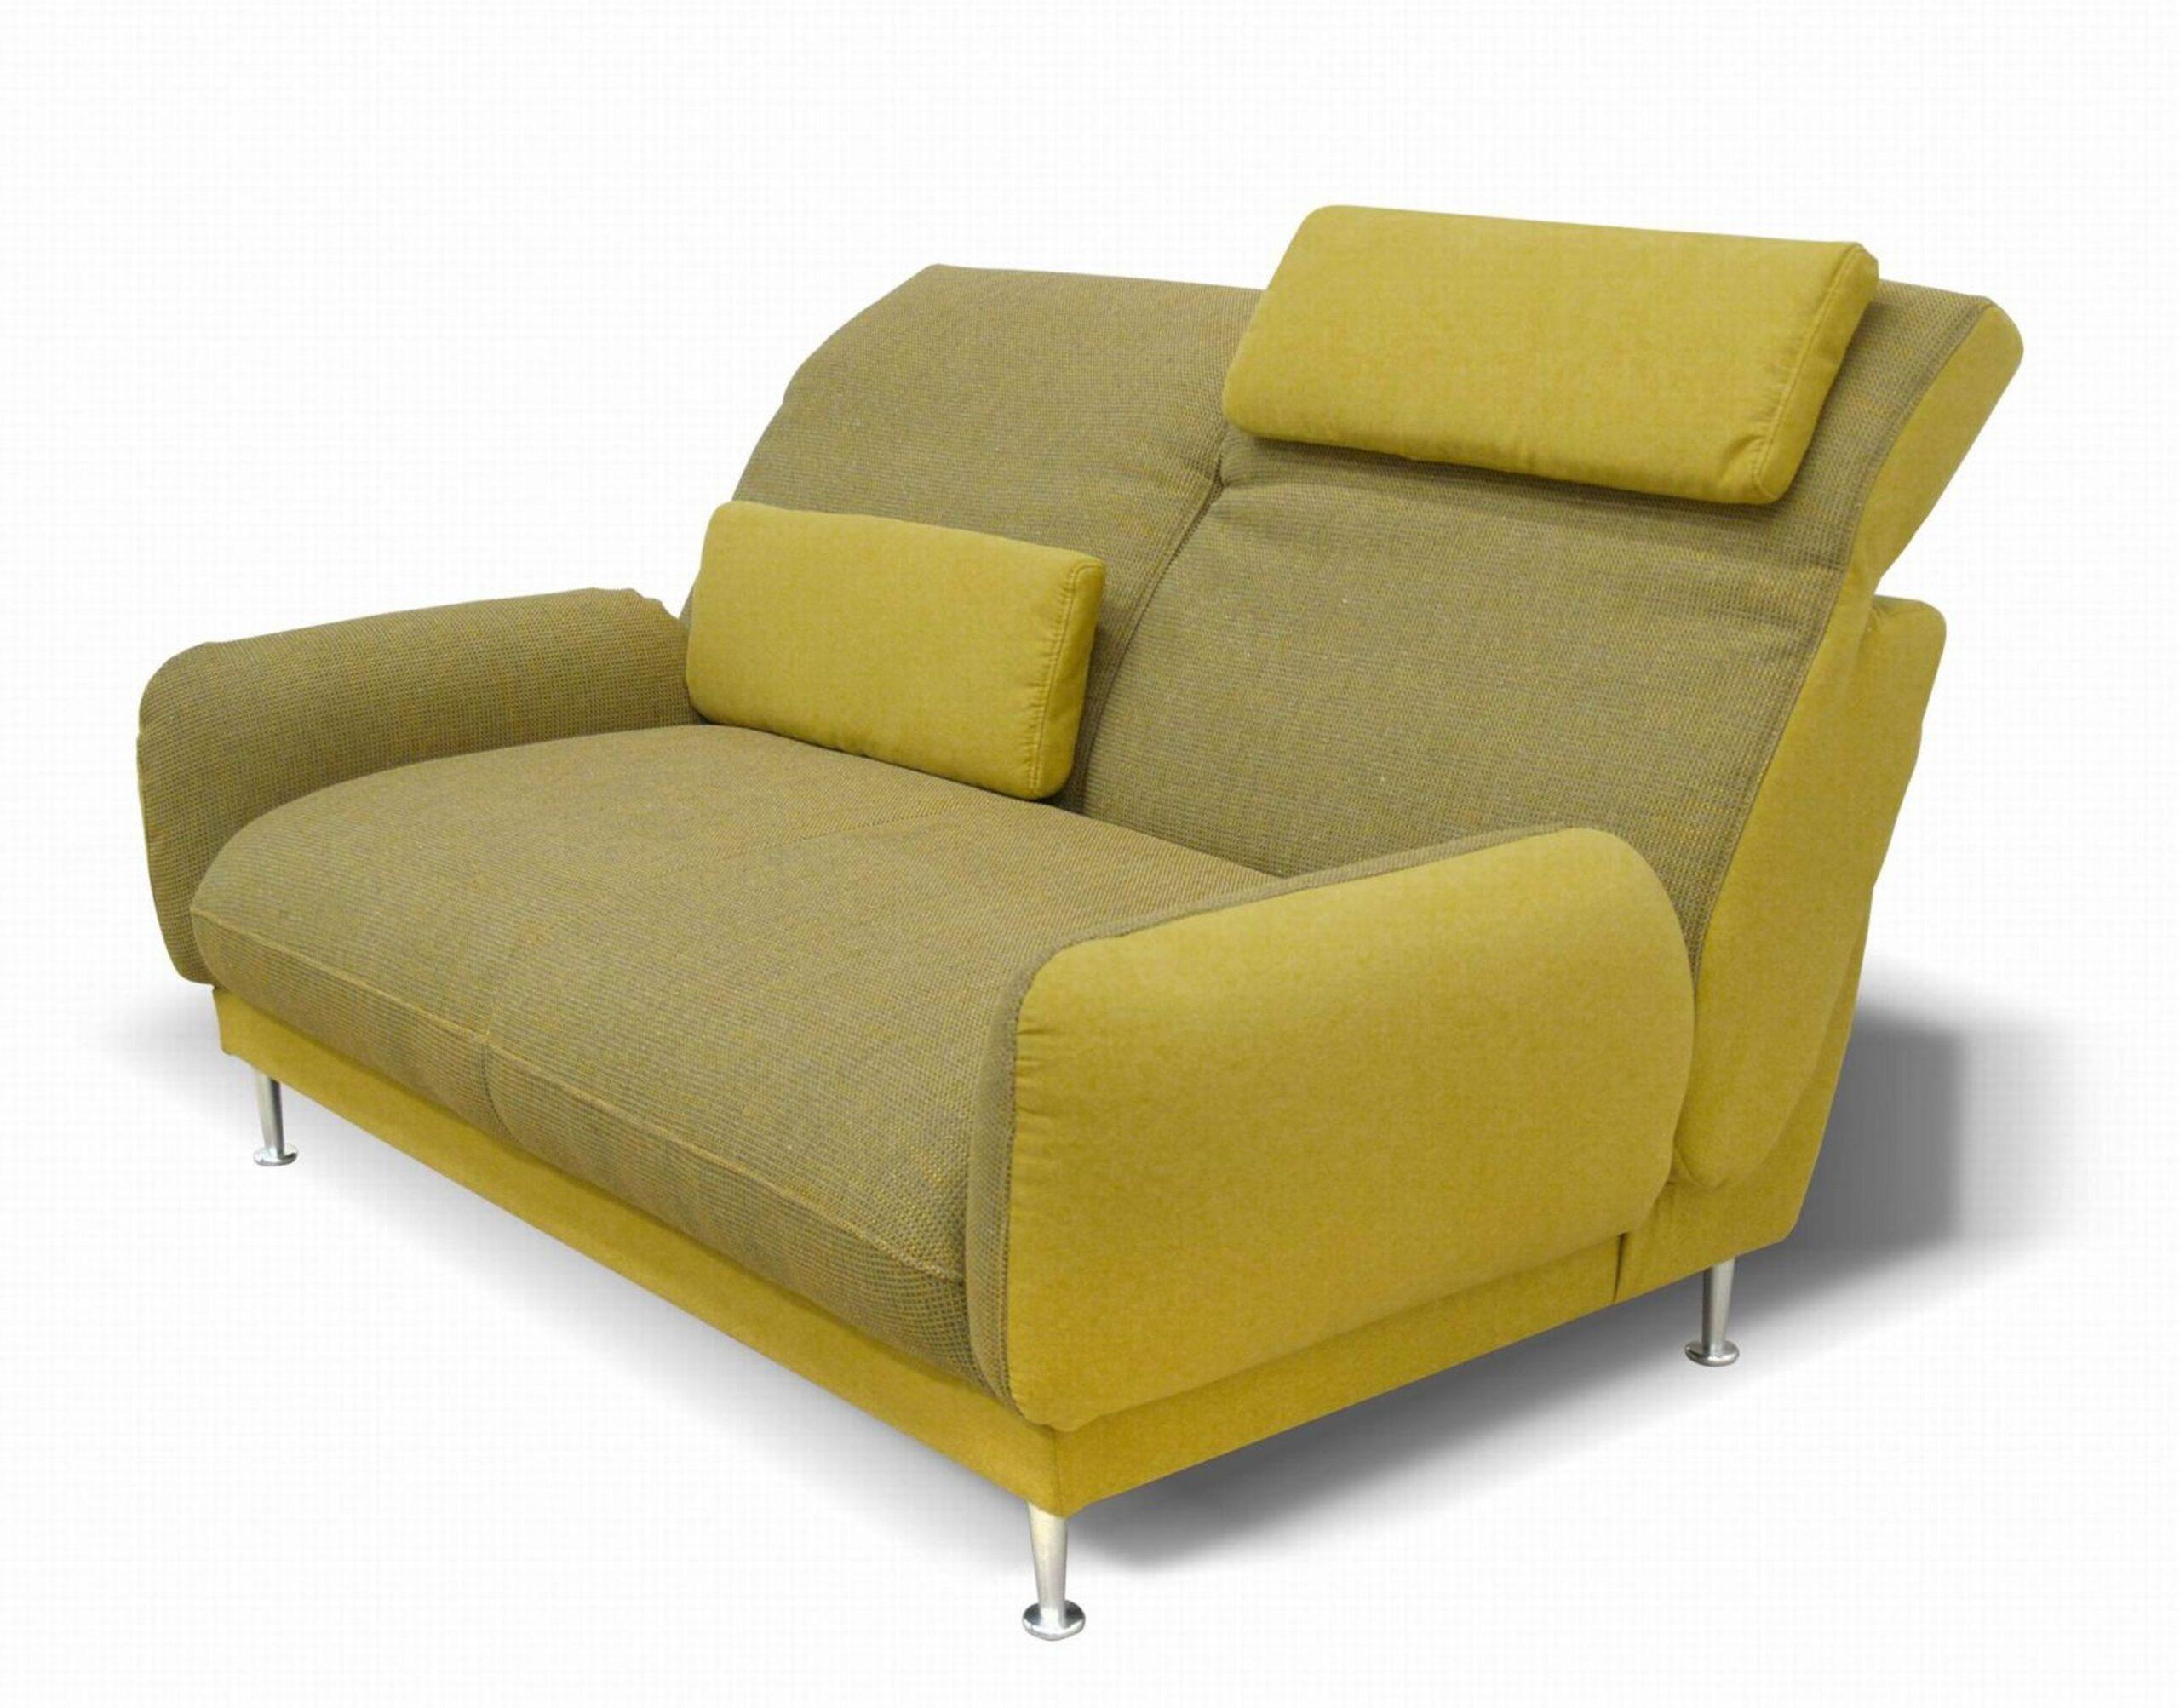 Full Size of Sofa Federkern 2 Sitzer Couch Inkl Nierenkissen Rckenfunktion Günstig Kaufen Mit Verstellbarer Sitztiefe L Form Impressionen Breit Grau Stoff Leder Hannover Sofa Sofa Federkern